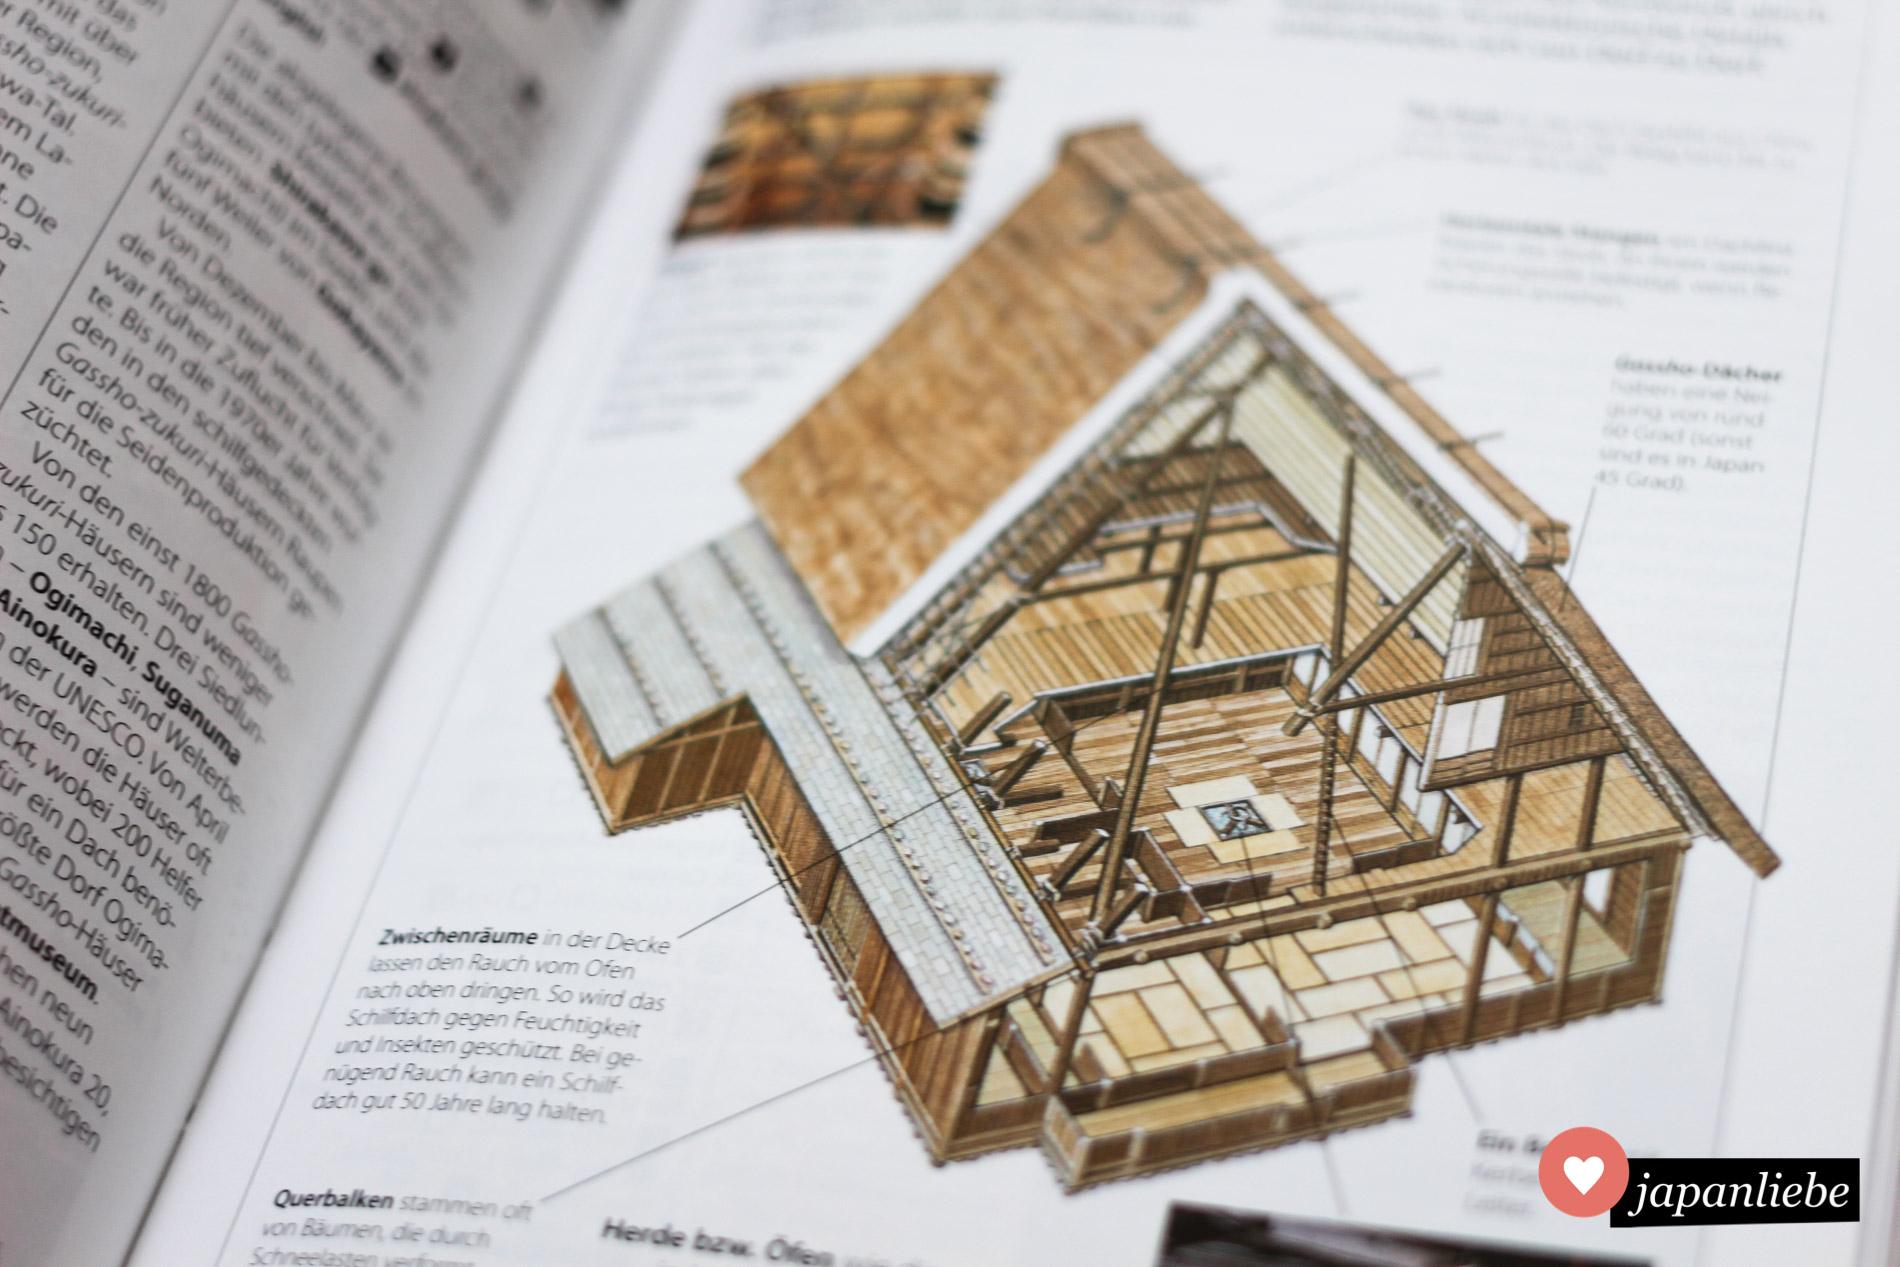 3D-Zeichnungen ermöglichen einen besonderen Einblick in Sehenswürdigkeit.